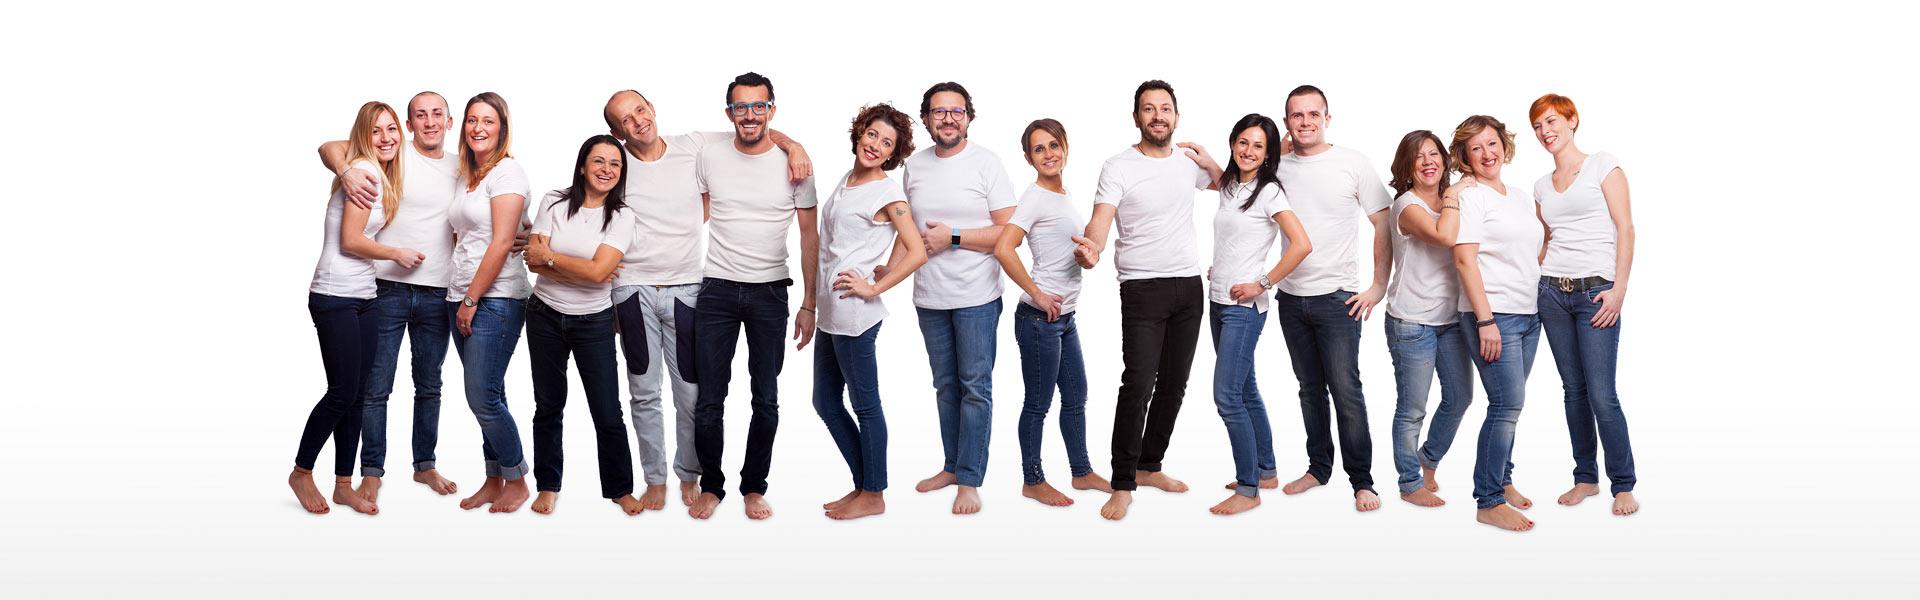 Studio dentistico a Figino Serenza e Alzate Brianza Il team dello Studio Dentistico Riva